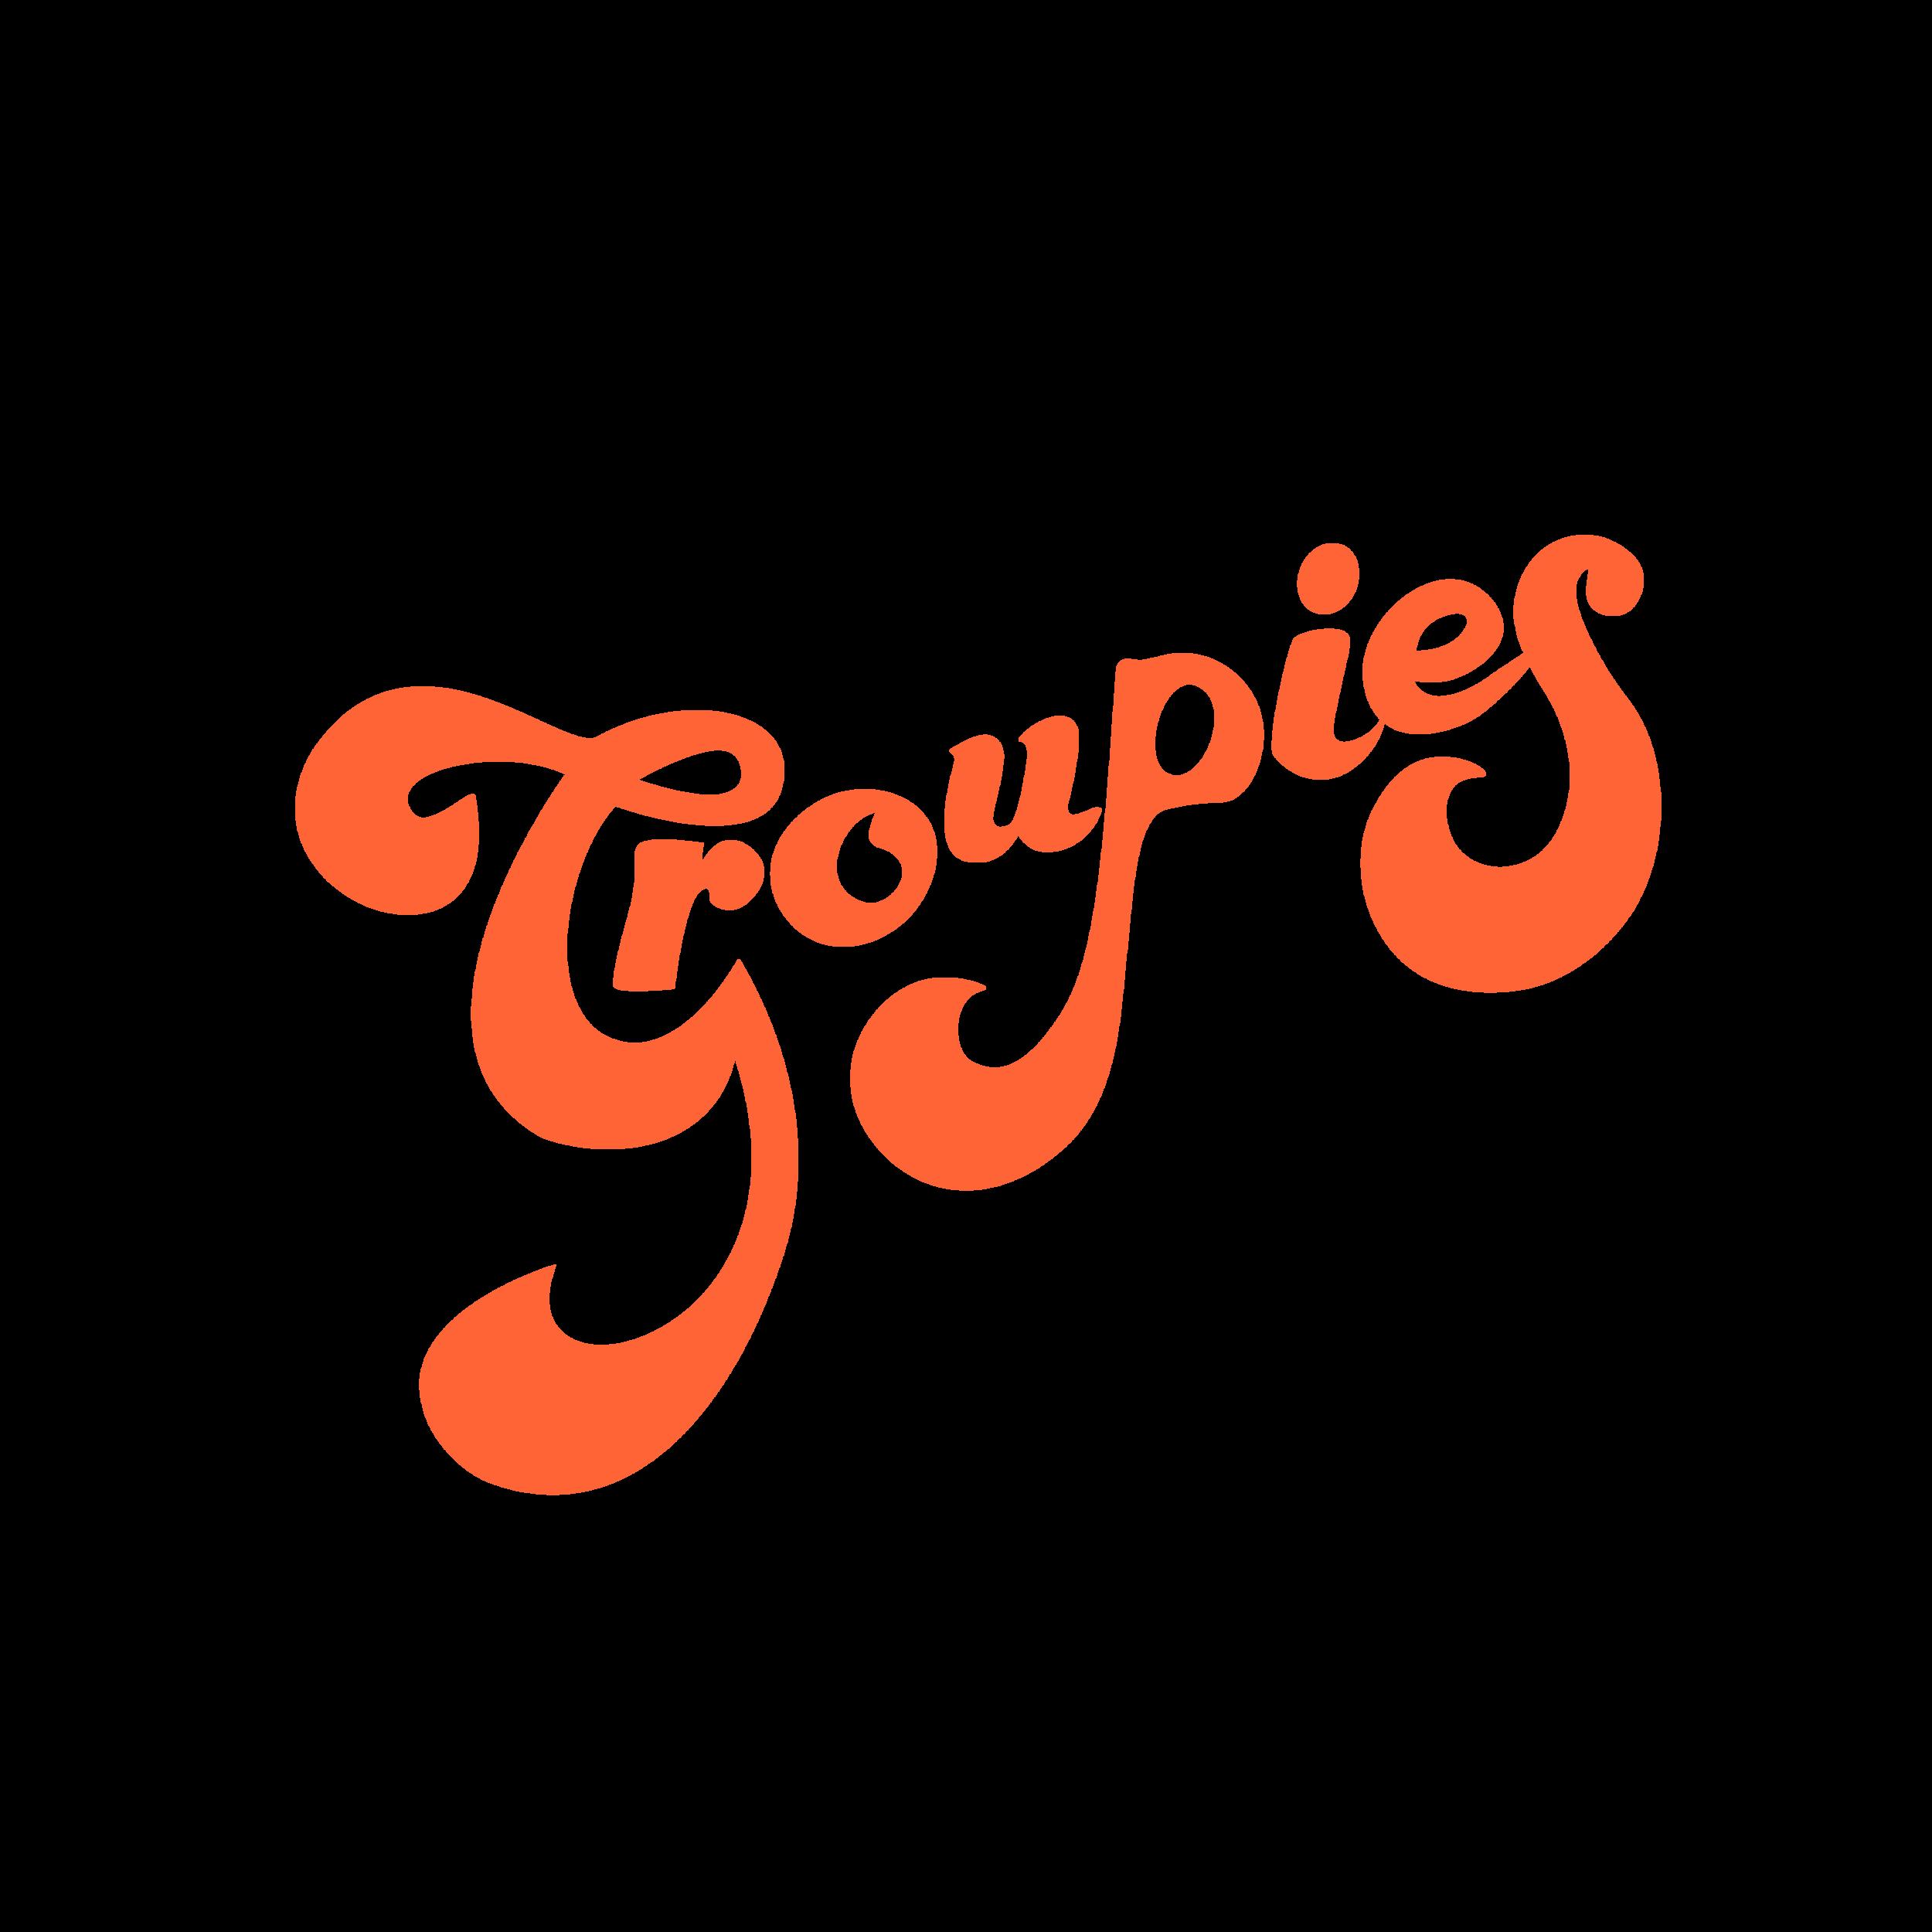 Groopies-01.png